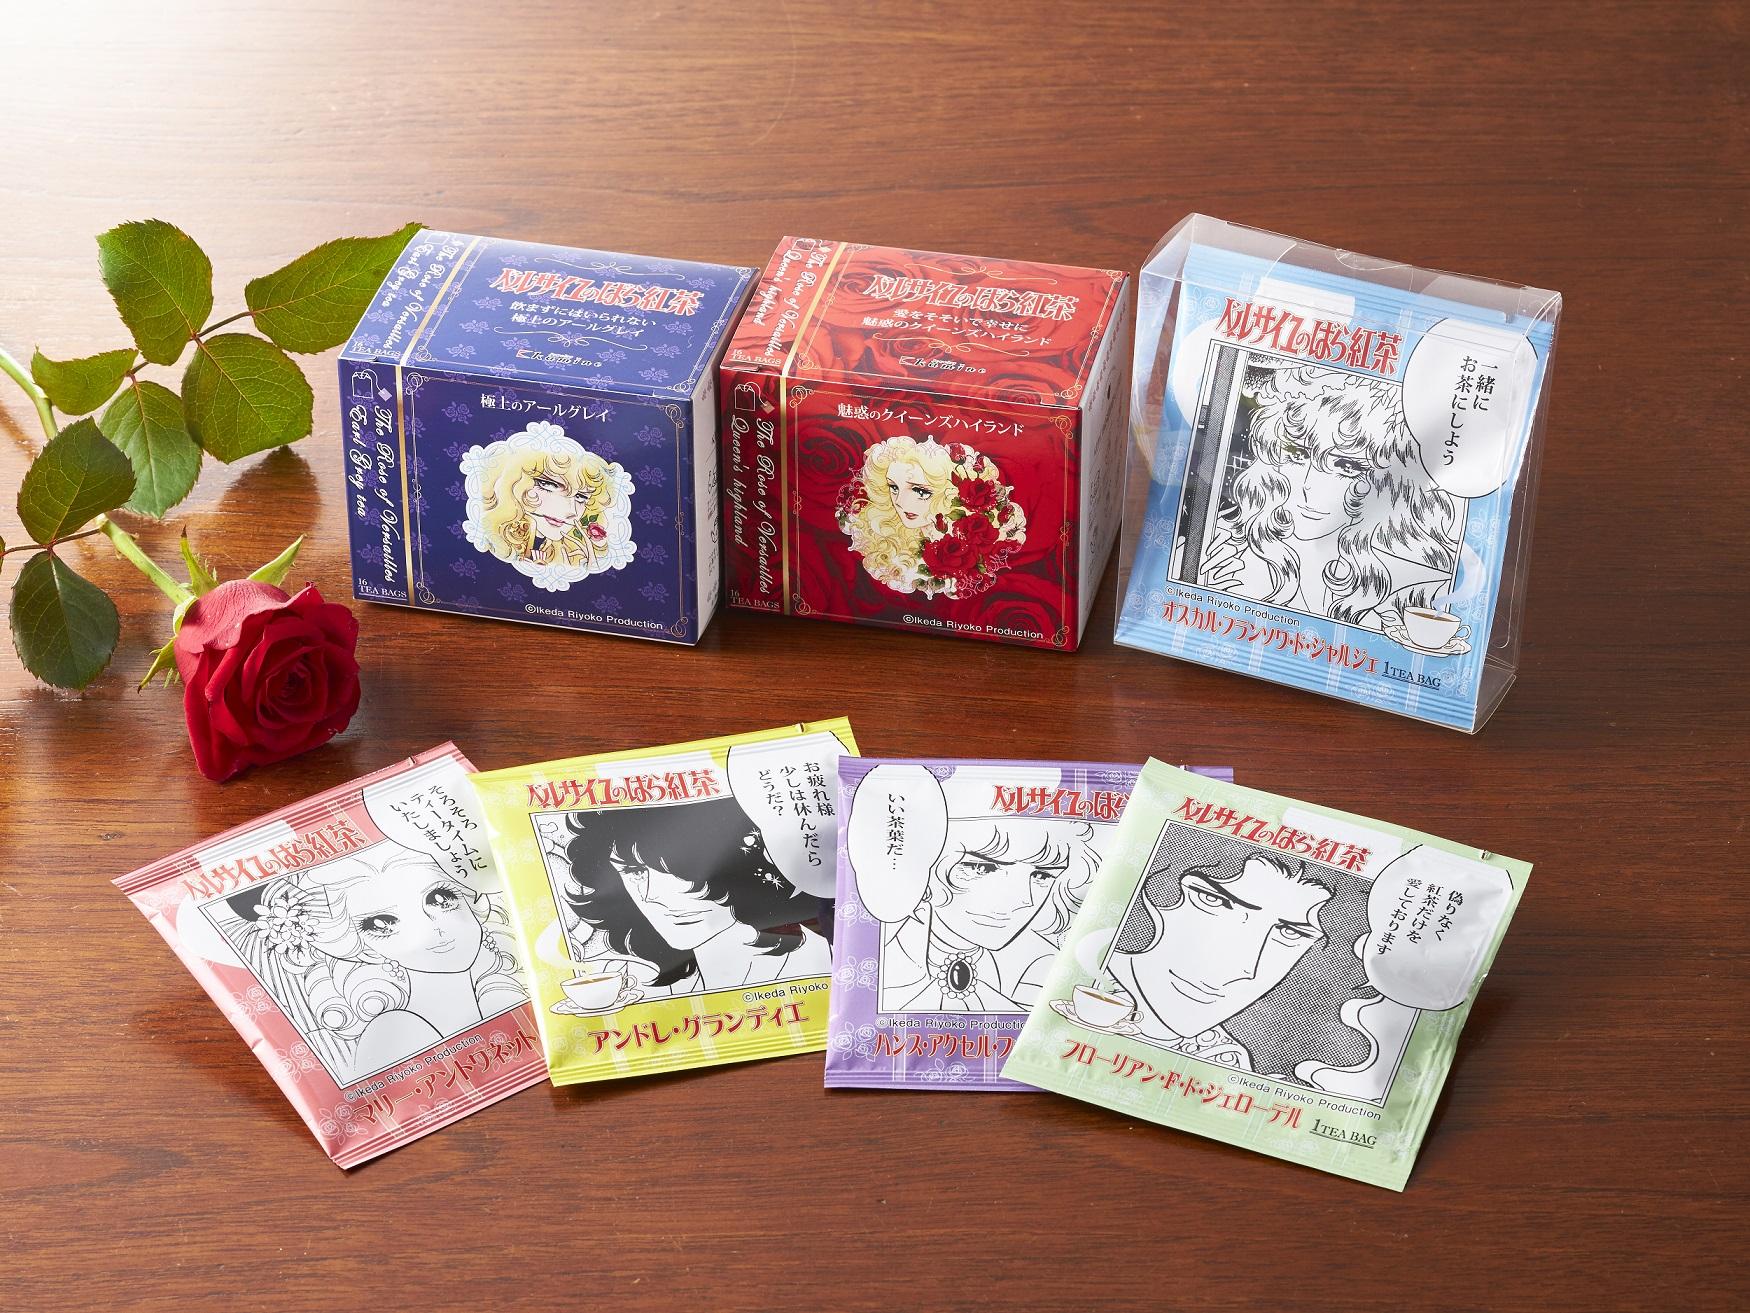 【紙袋3点付き】ベルサイユのばら紅茶3種セット